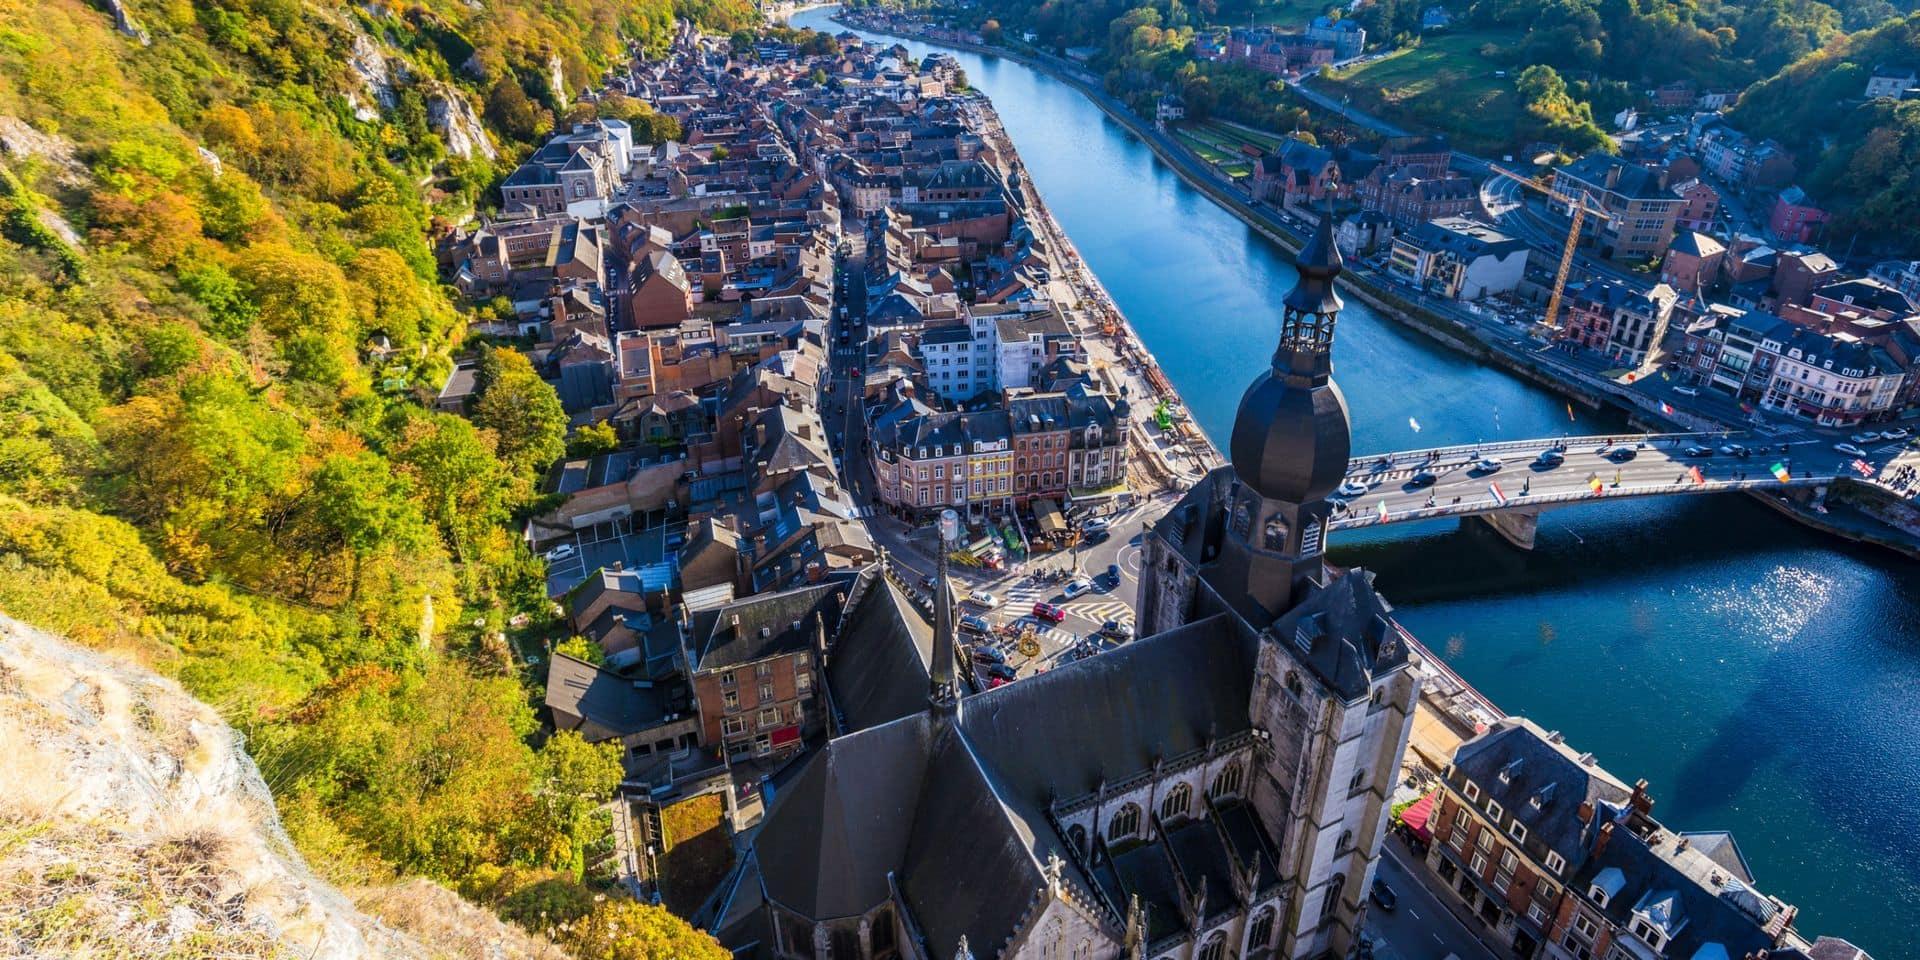 La Wallonie, destination d'arrière-saison aussi ?